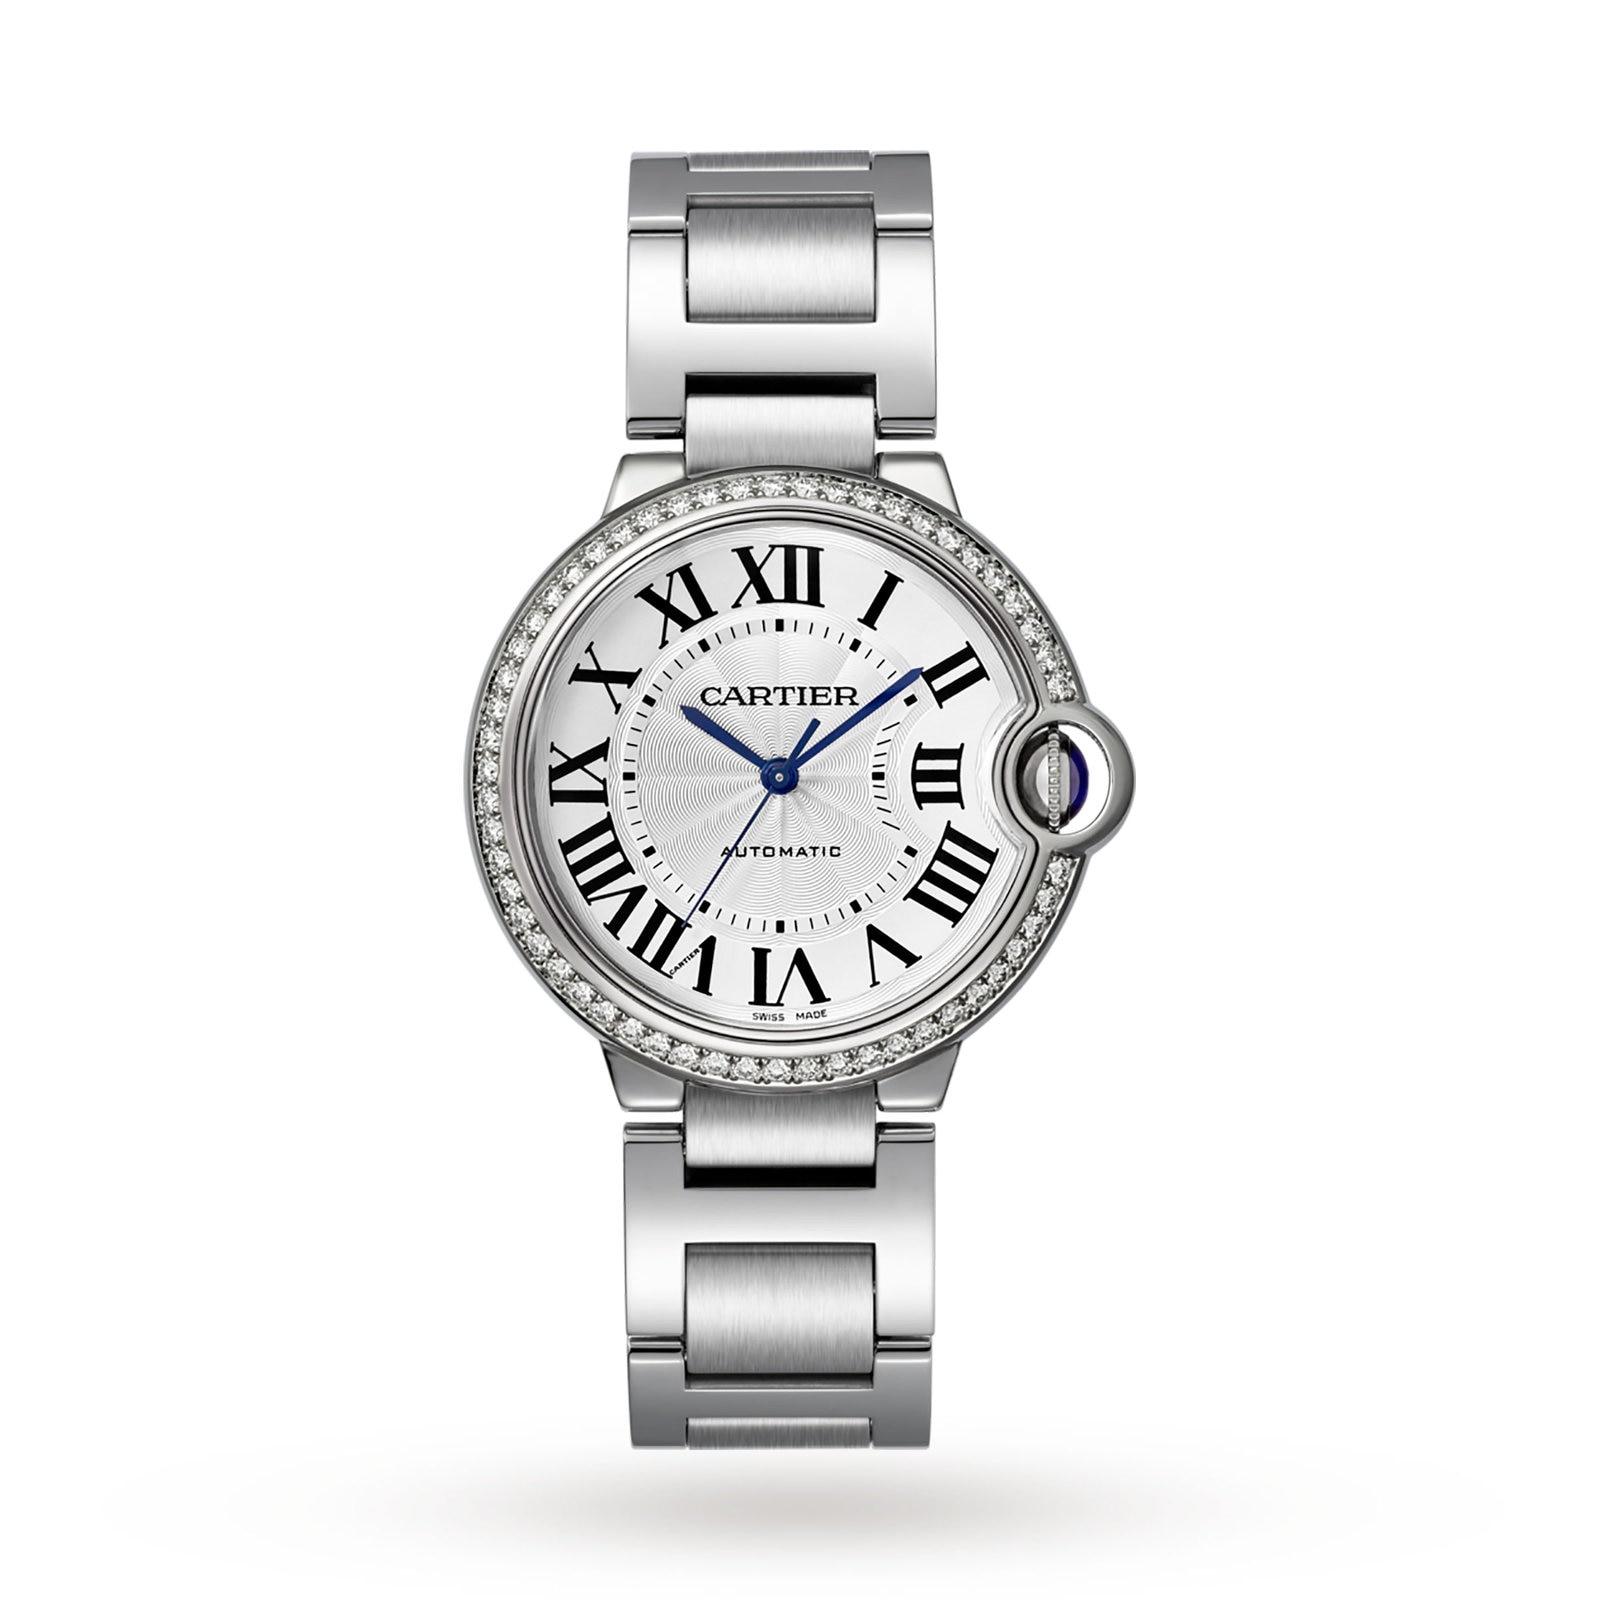 Cartier Ballon Bleu de Cartier watch 36 mm, steel, diamonds